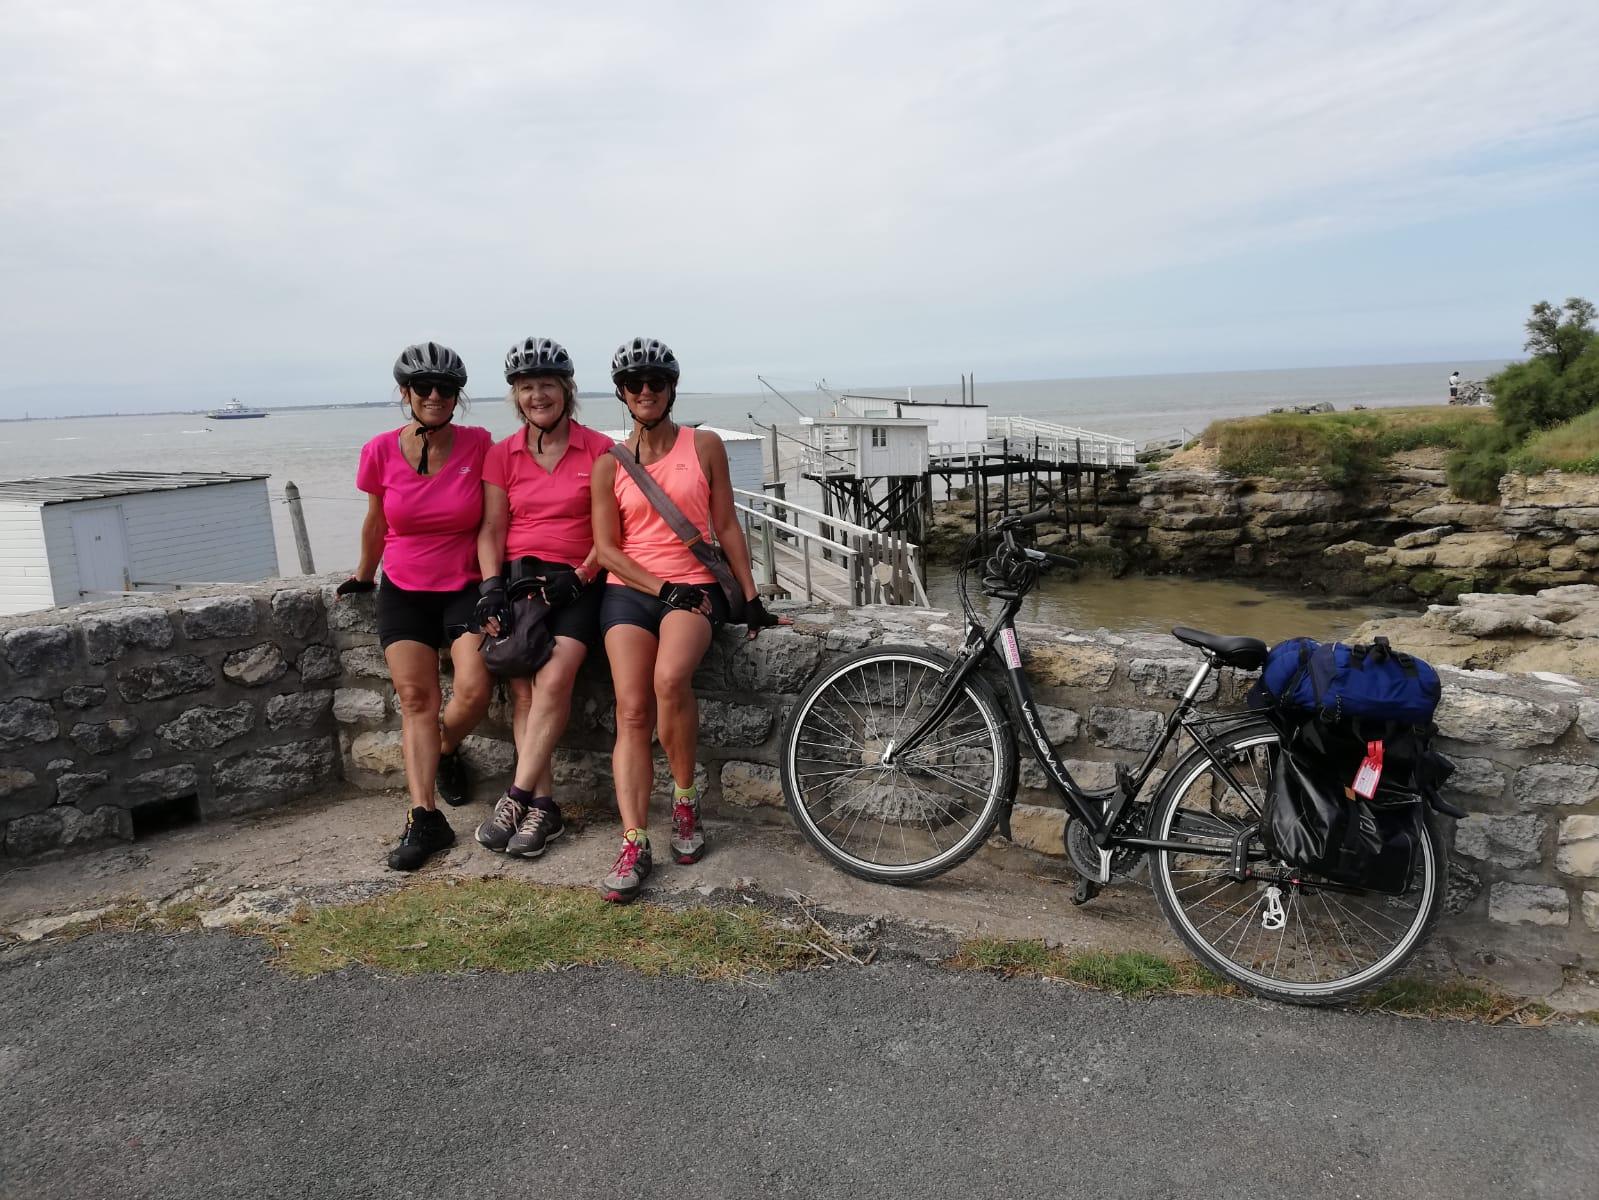 Vélodyssée voyage vélo